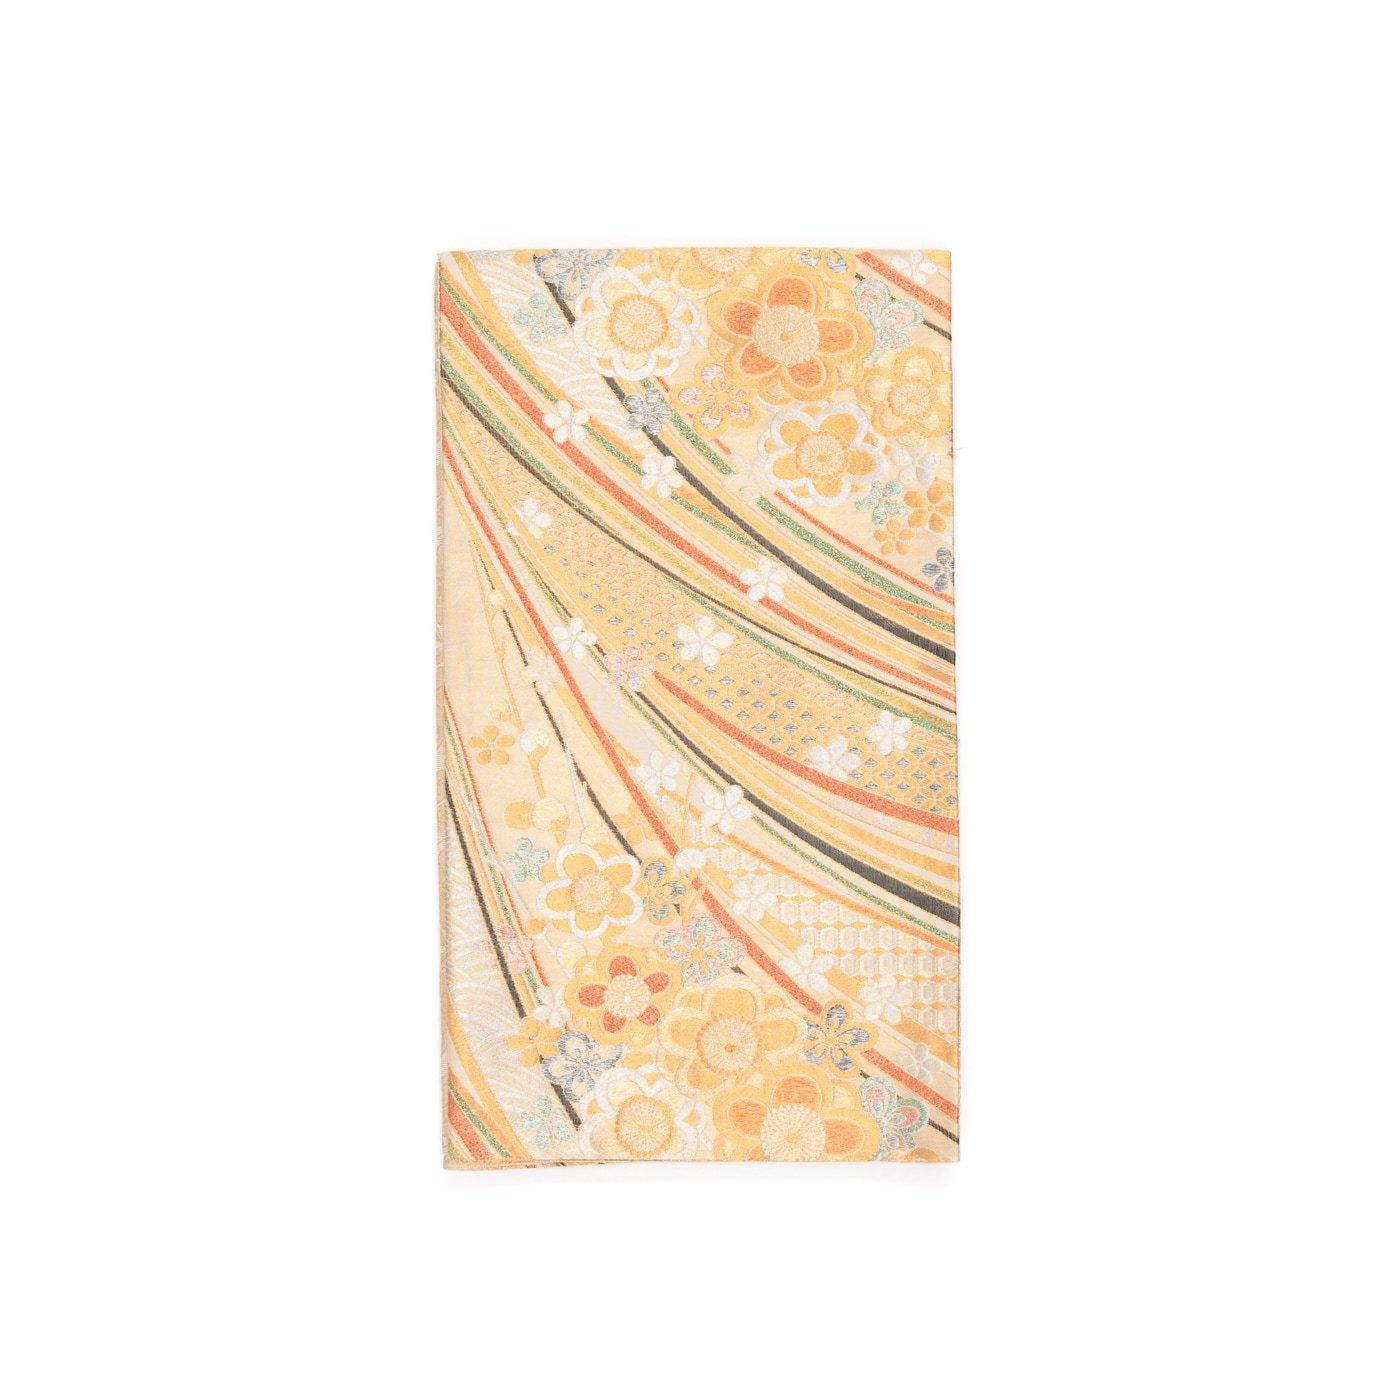 「袋帯●八重梅と虹のような曲線」の商品画像